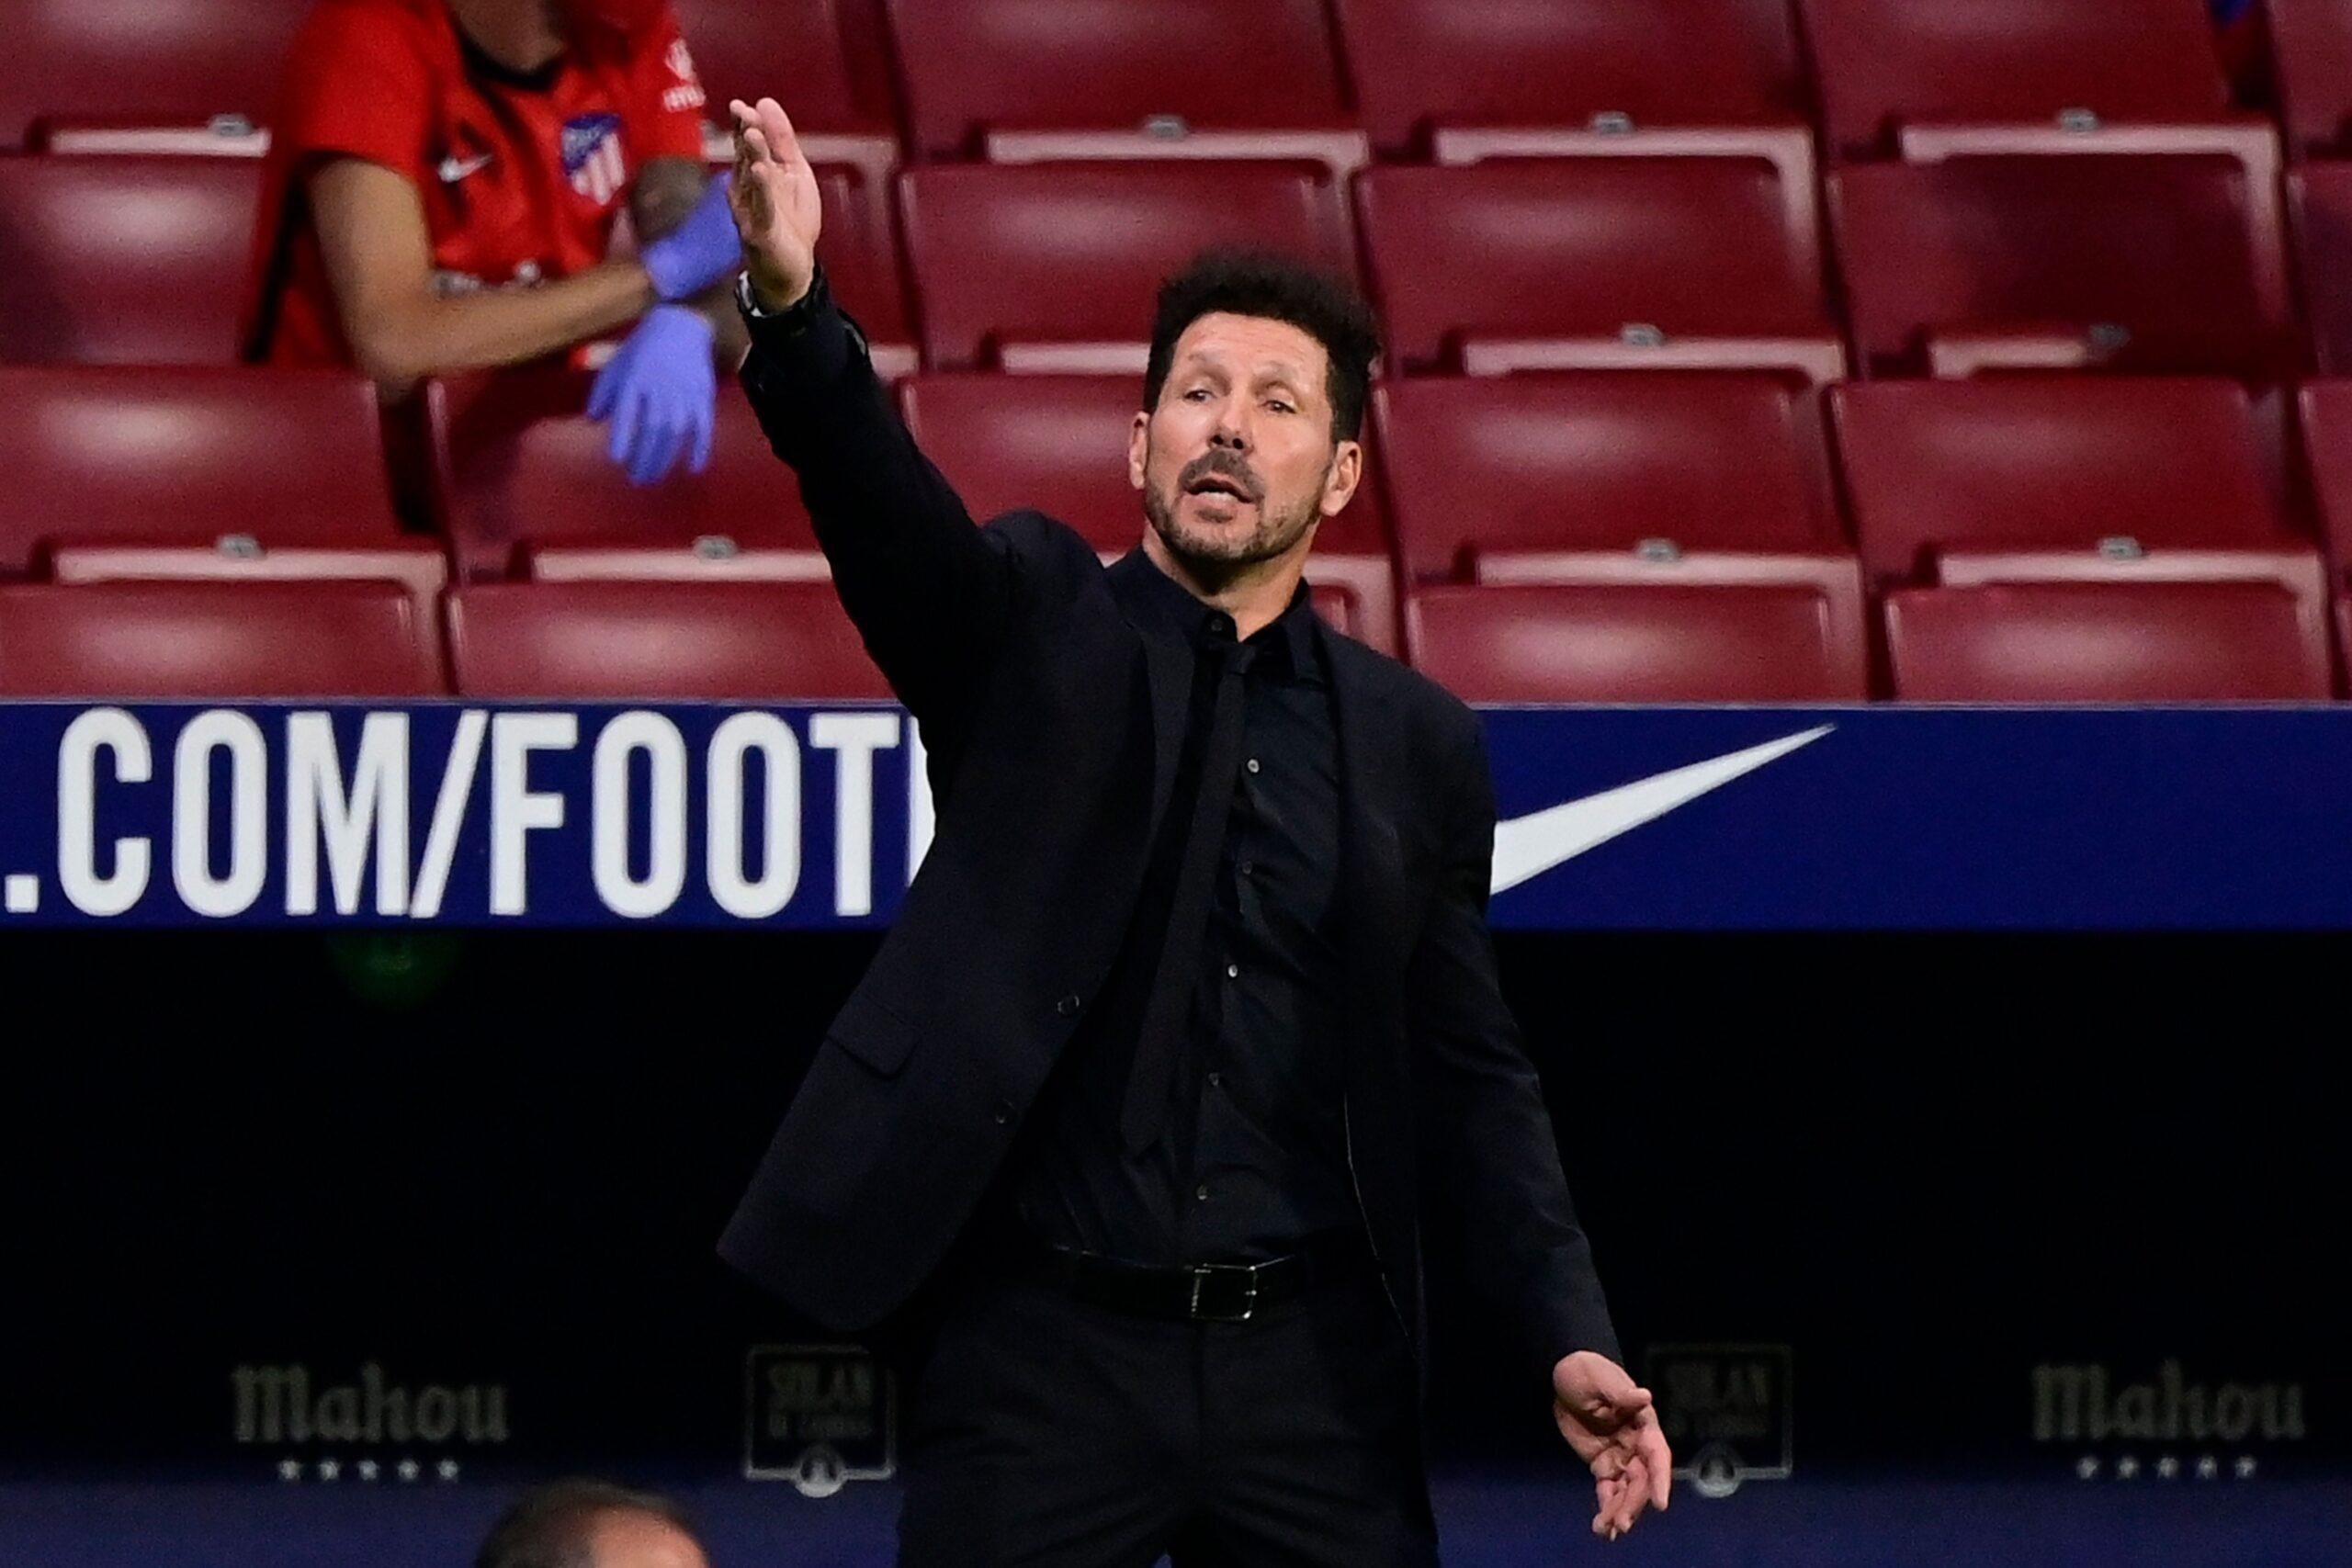 La delantera que la afición le pide a Simeone